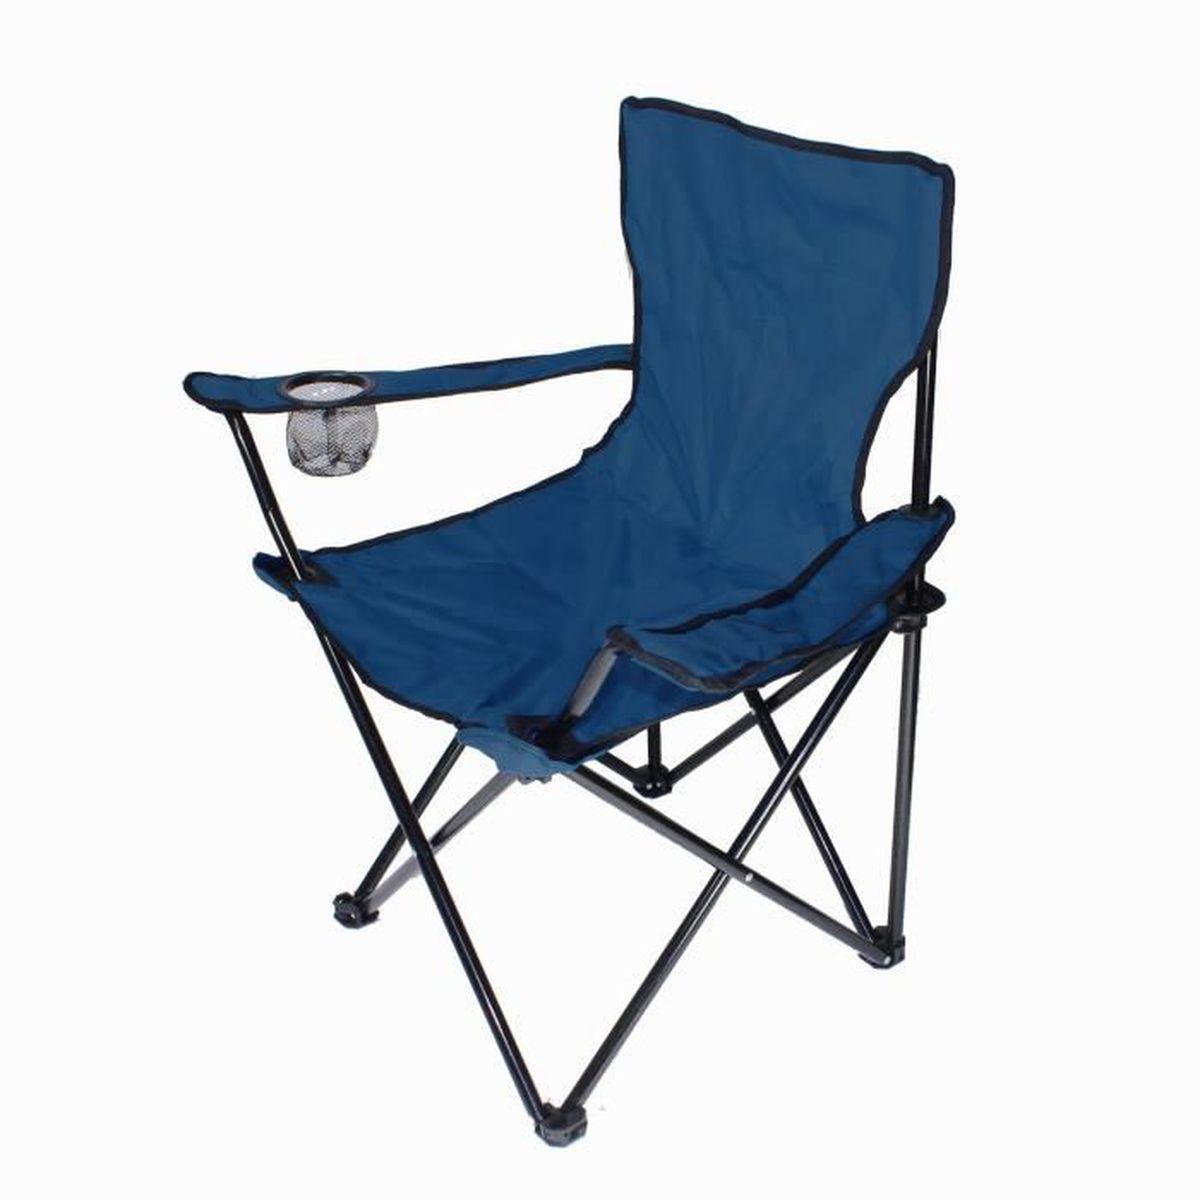 Bleu Marine Chaise Pliable Pour Camping Pche Jardin Reposer Housse Sige LL PS Assis Ais